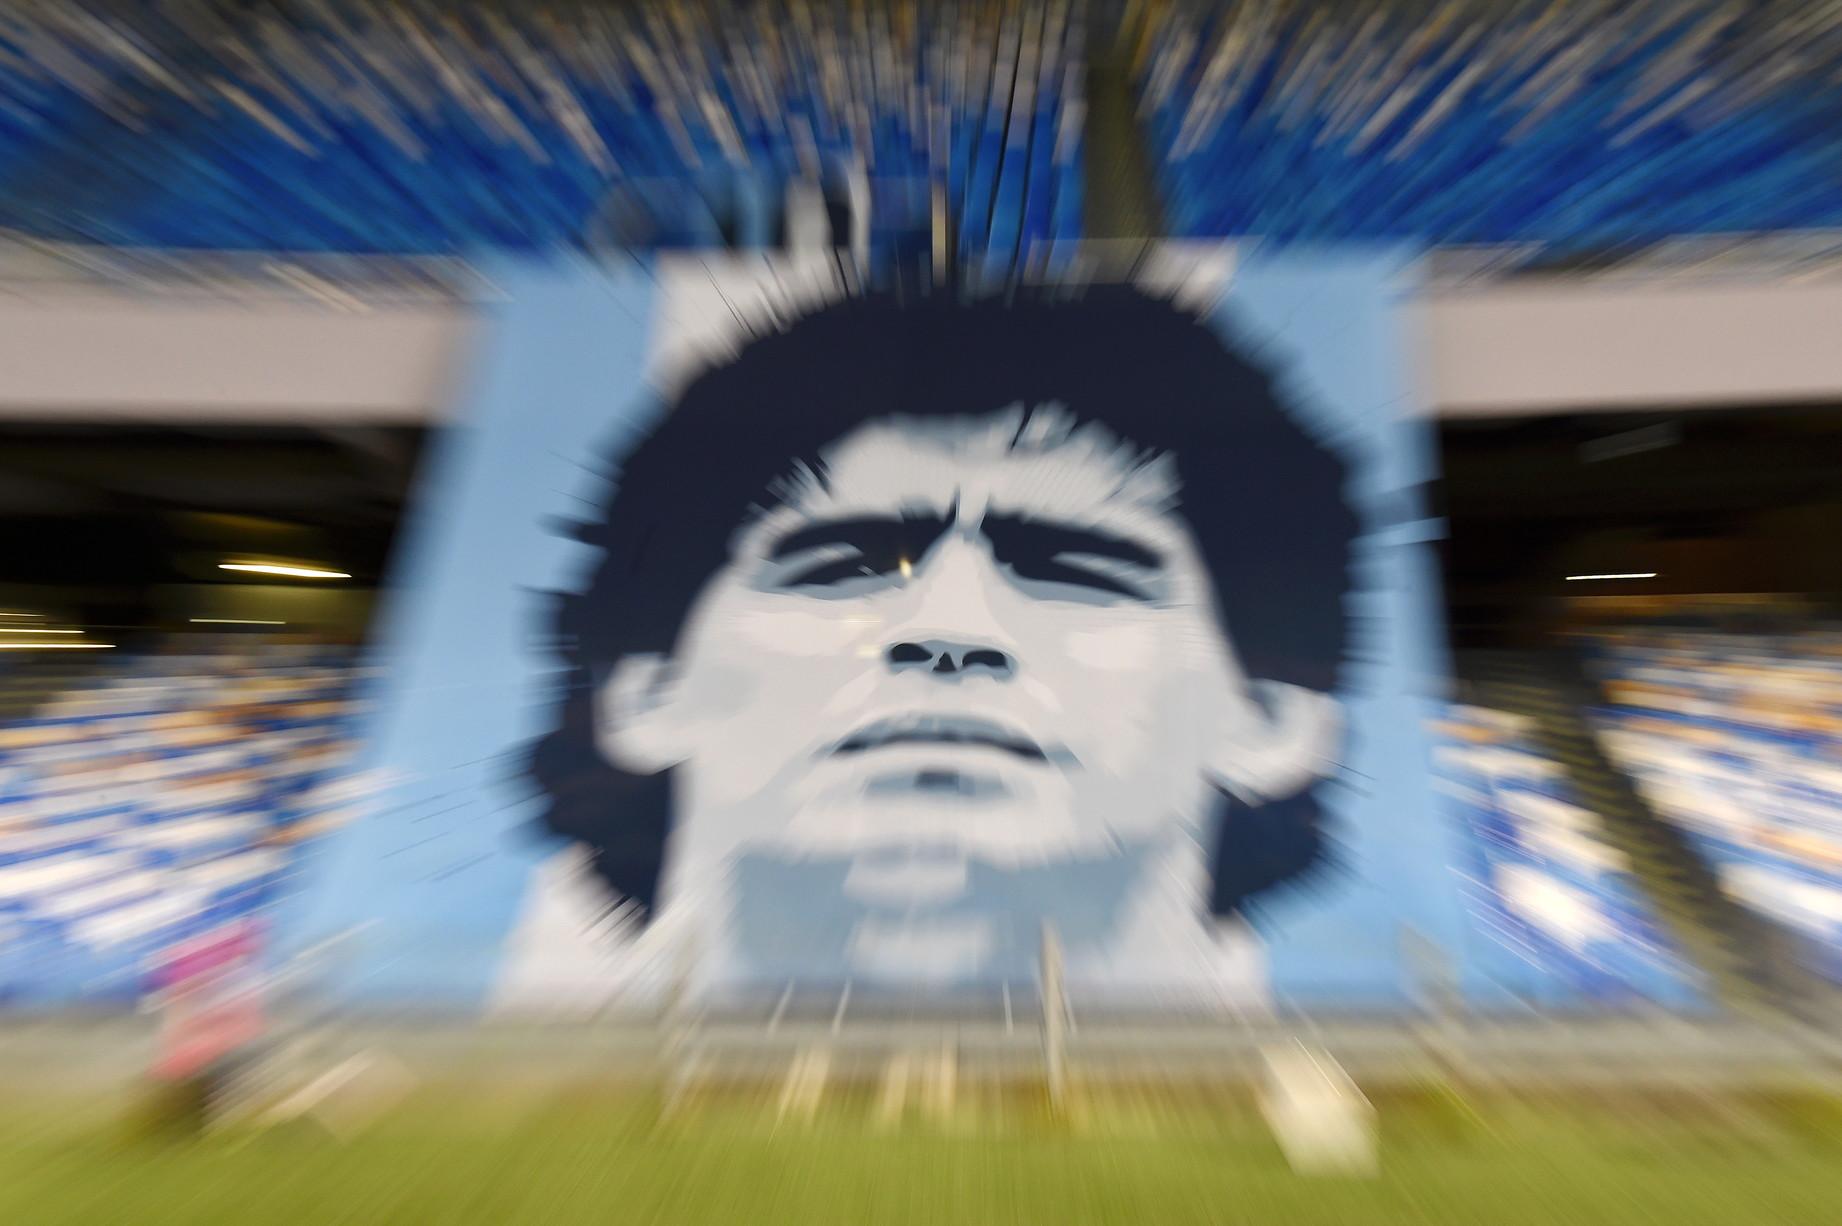 Al &quot;Maradona&quot; la squadra di Gattuso sfida i granata in grande difficolt&agrave;, ma non va oltre il pareggio.<br /><br />